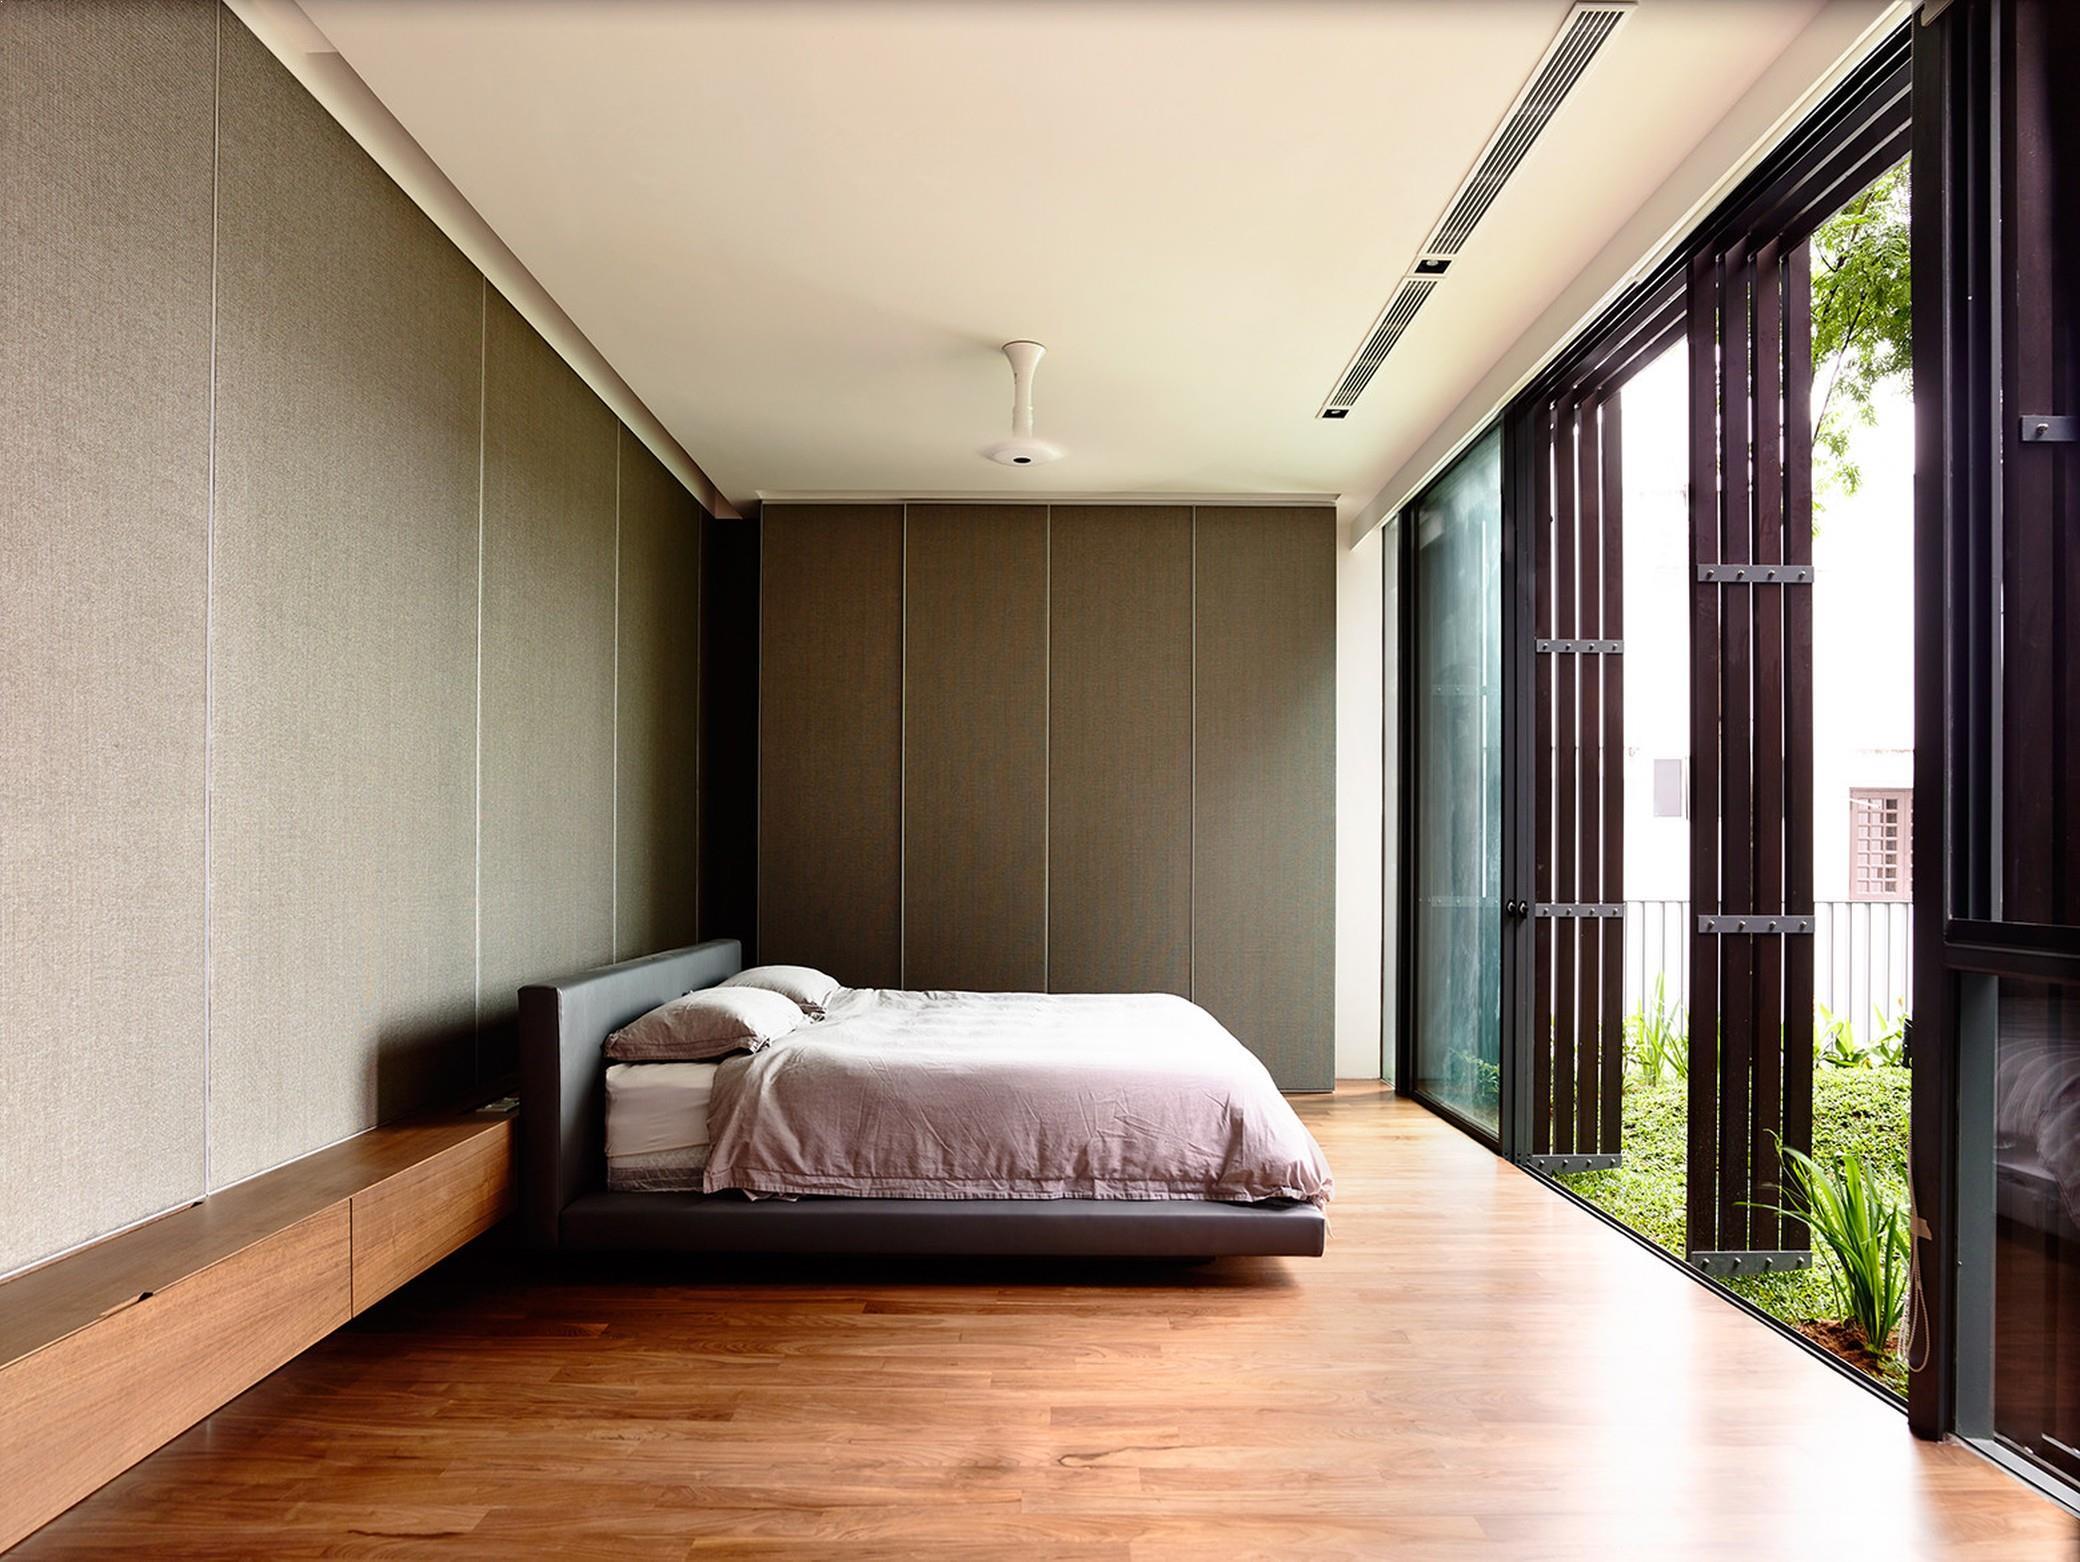 interioare zen dormitor în armonie cu natura